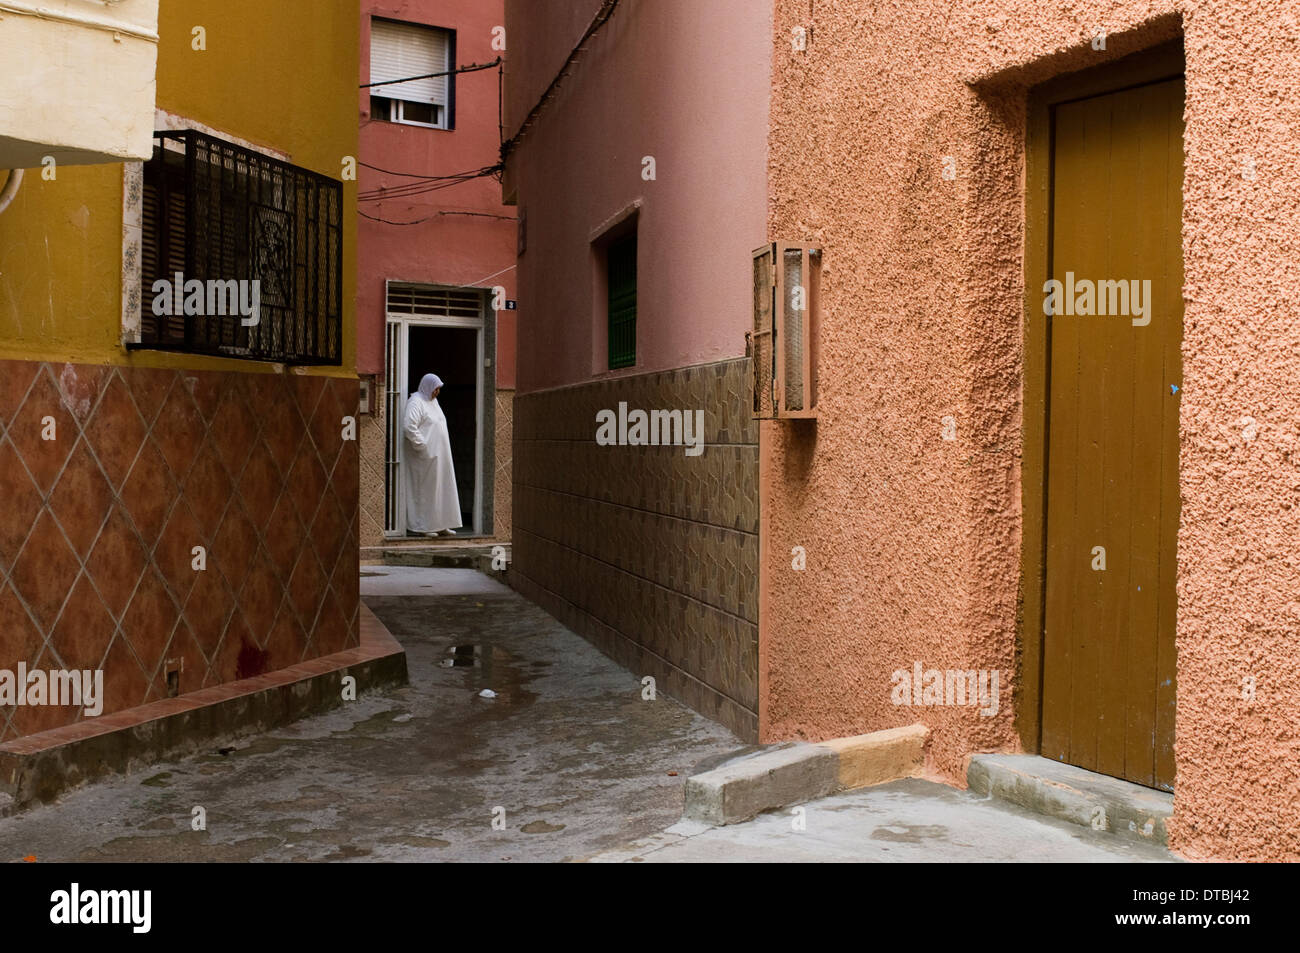 Quartiere islamico del Canada del Hidum a Melilla, Spagna. la povertà povero sobborgo di disoccupati Immagini Stock